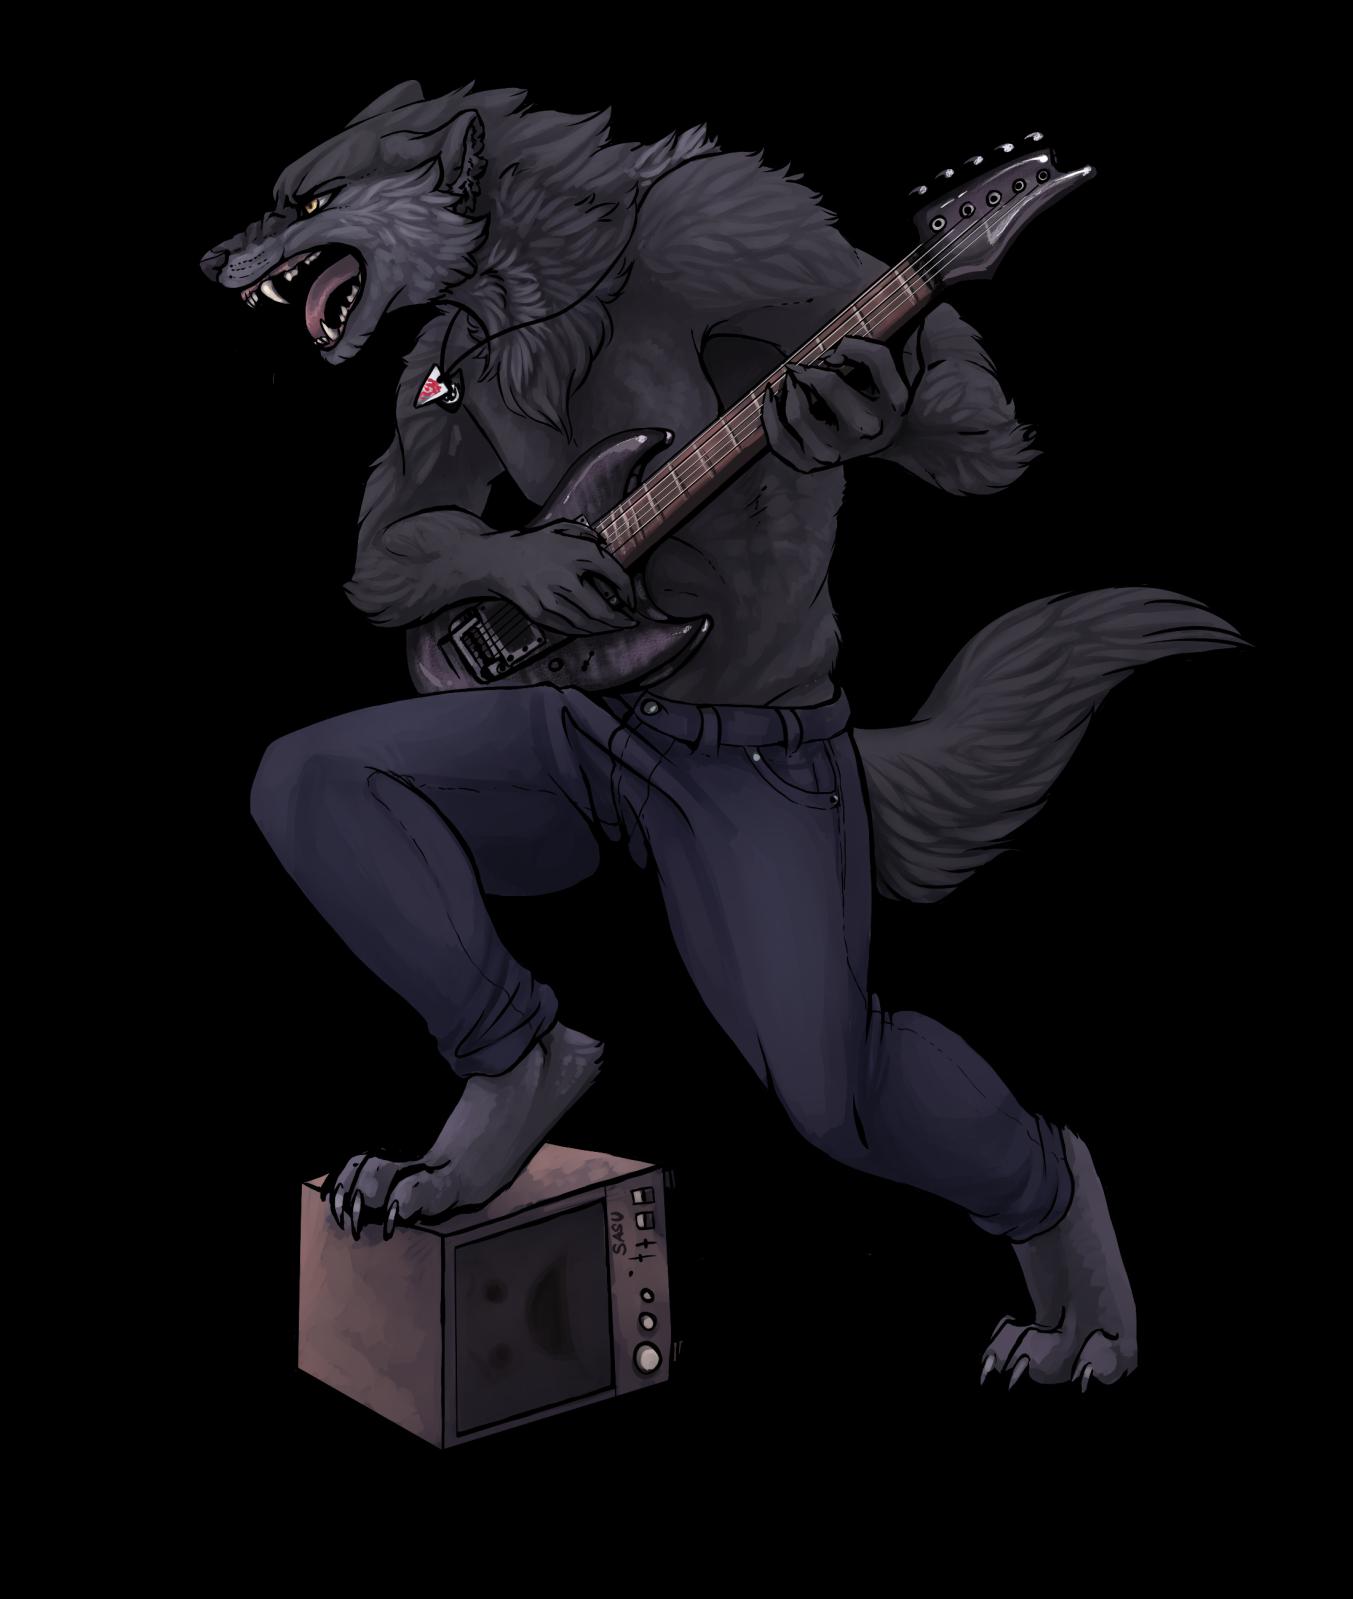 Rocking out — weasyl